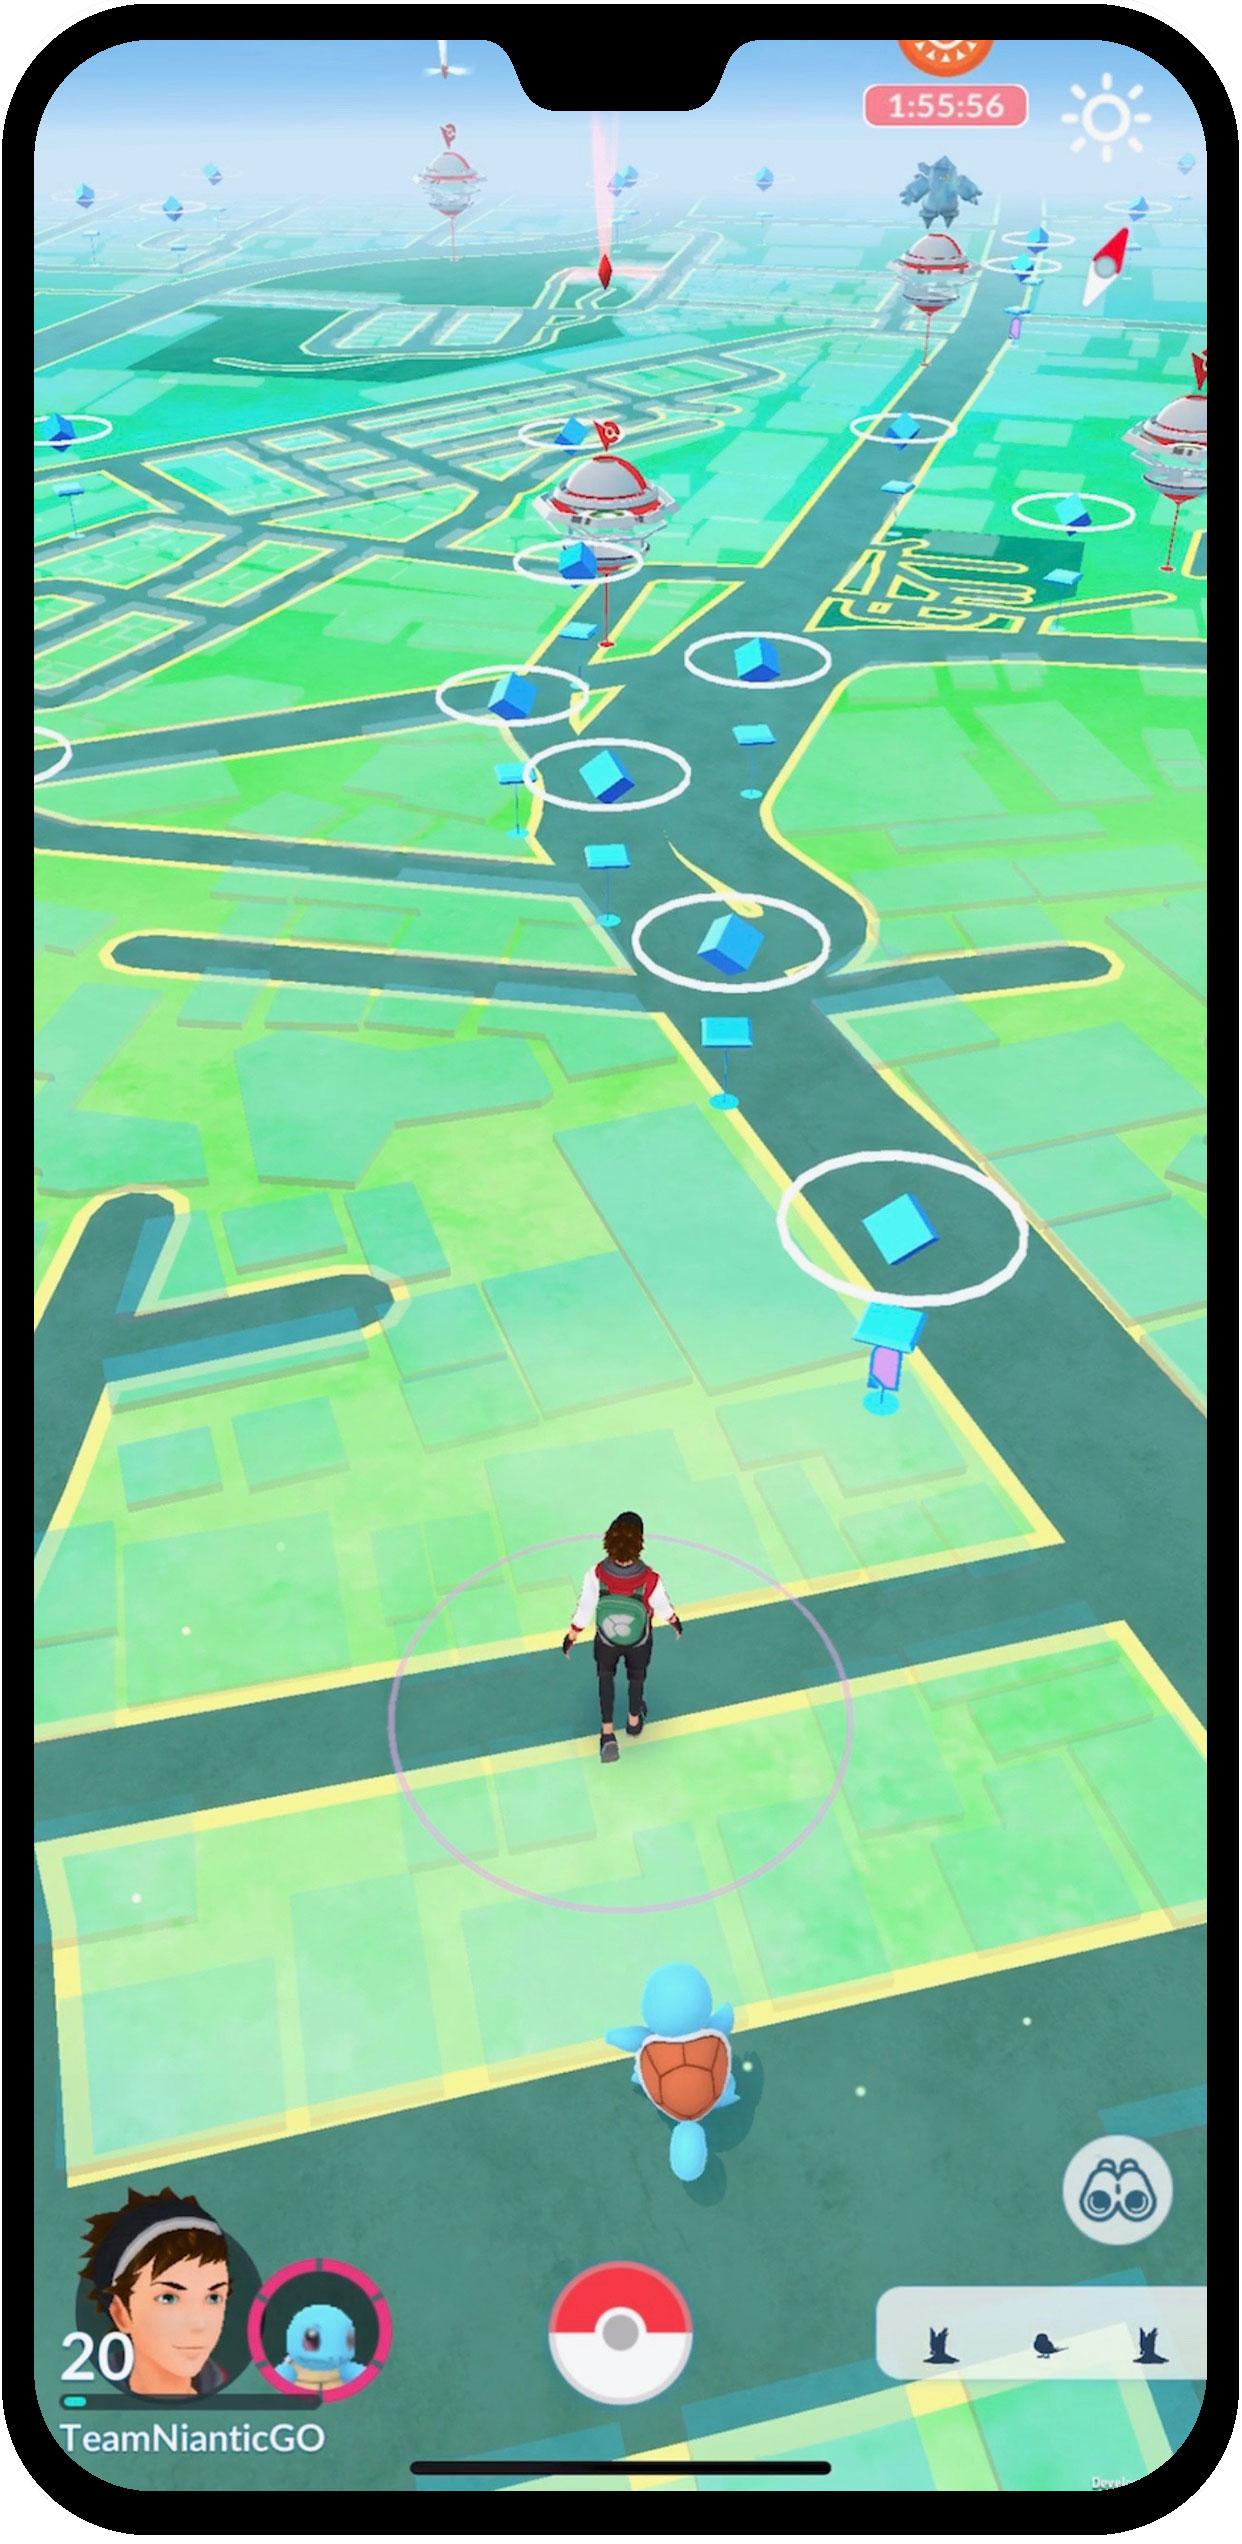 Pokemon go: существует ли реальная опасность?